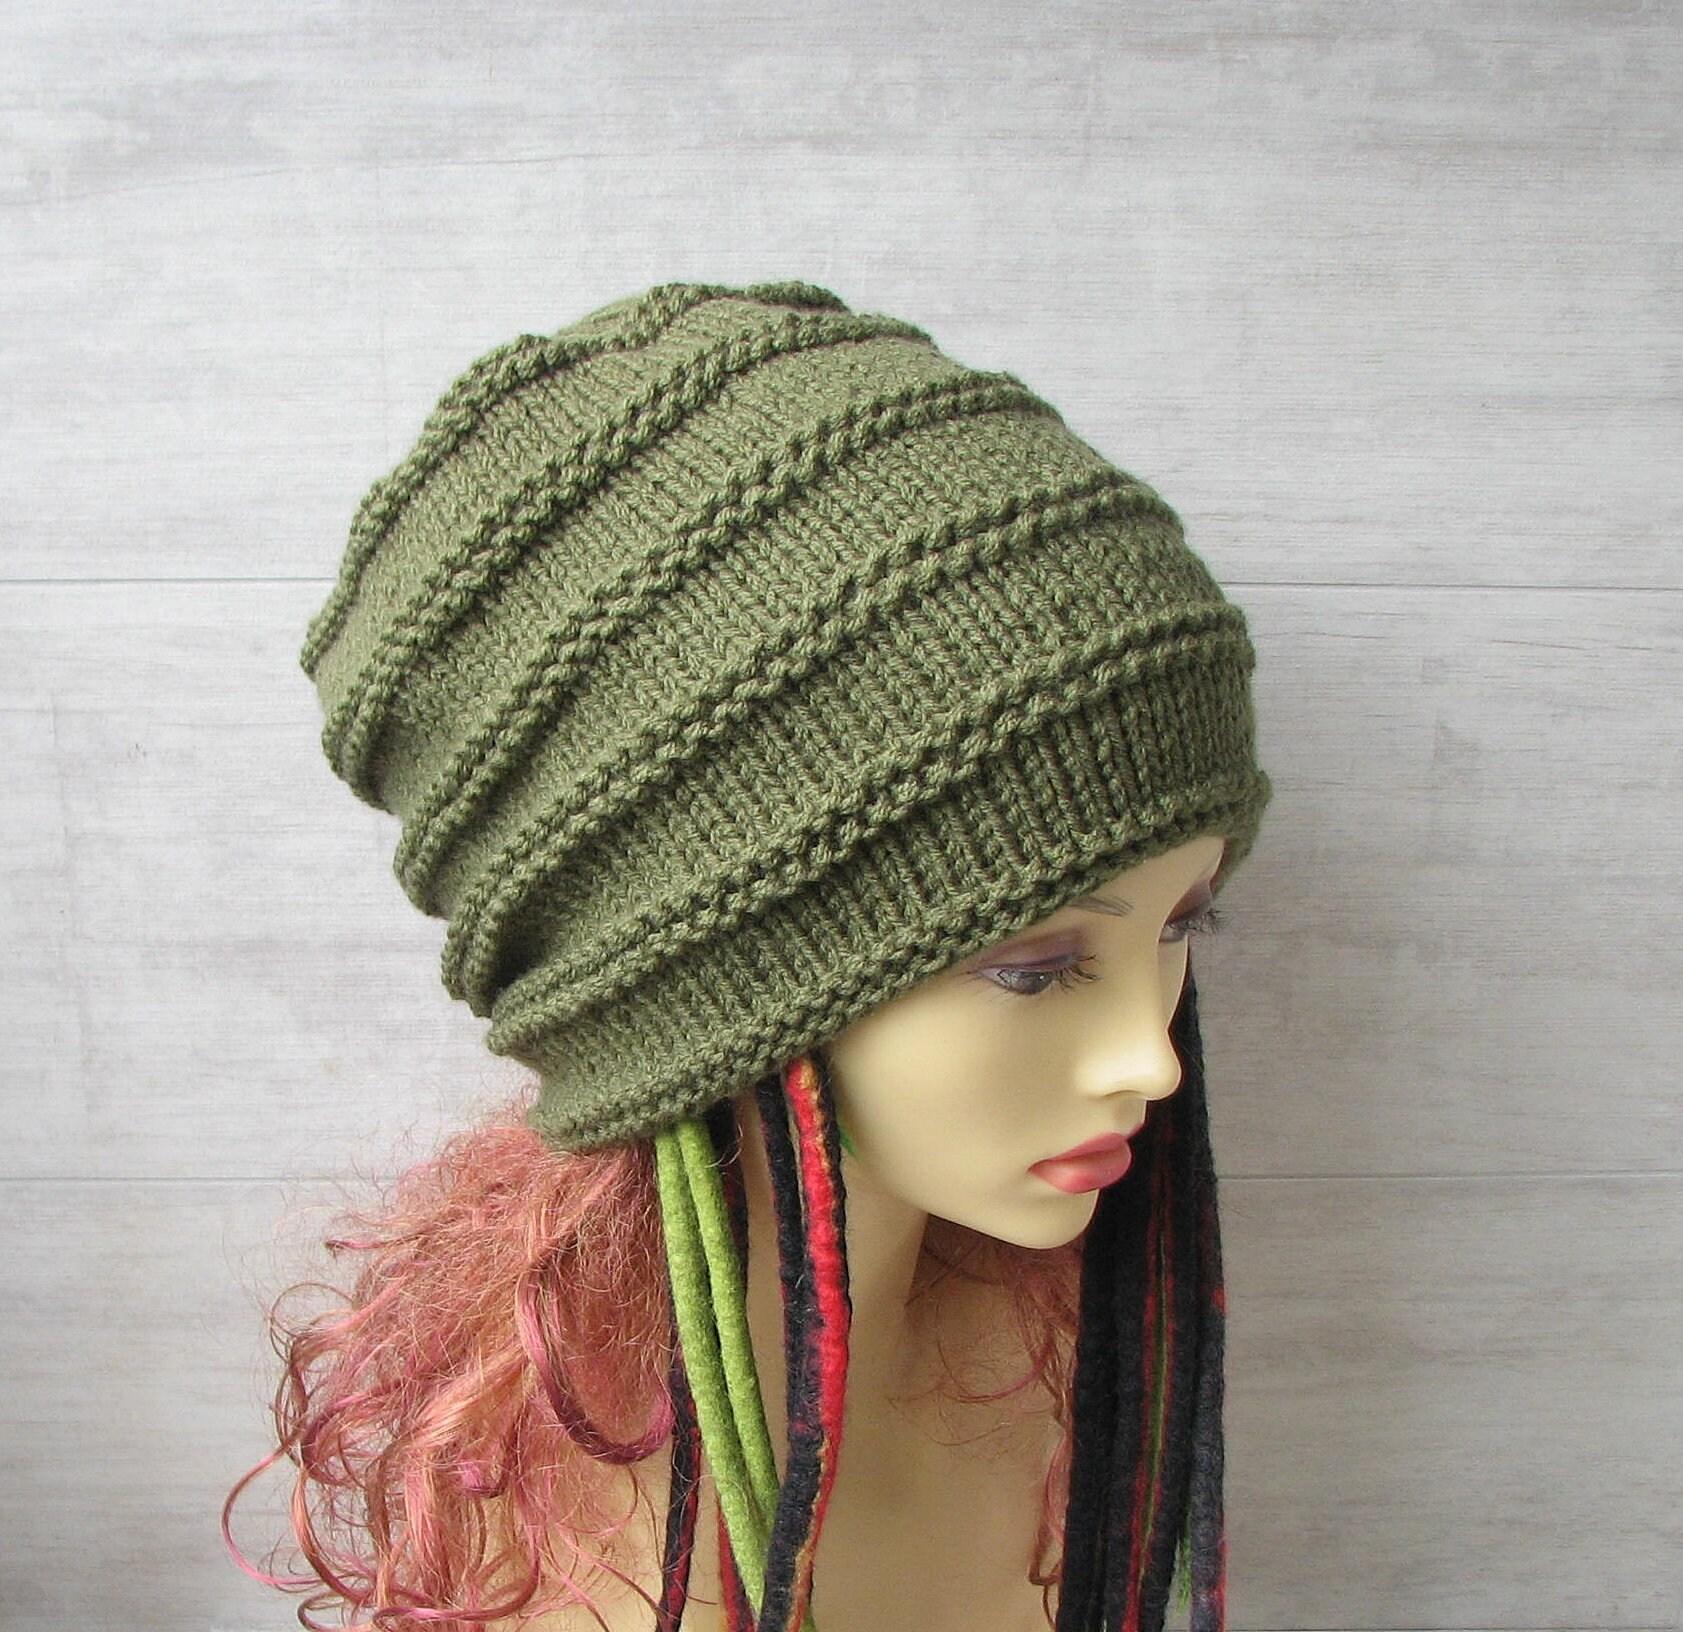 Best hats for dreadlocks khaki green slouchy beanie headwear  9169cf869c5